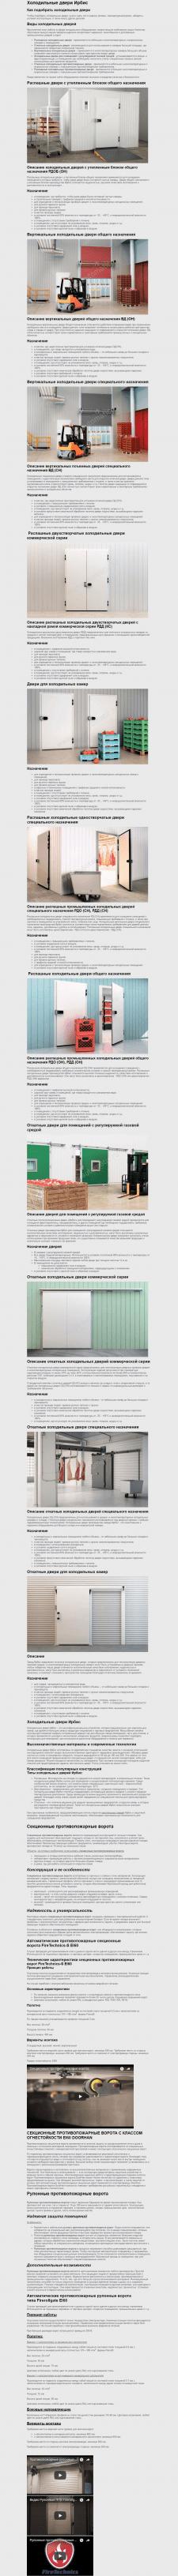 ПРОМЫШЛЕННАЯ ПРОДУКЦИЯ | Двери, ролеты, ворота GS-